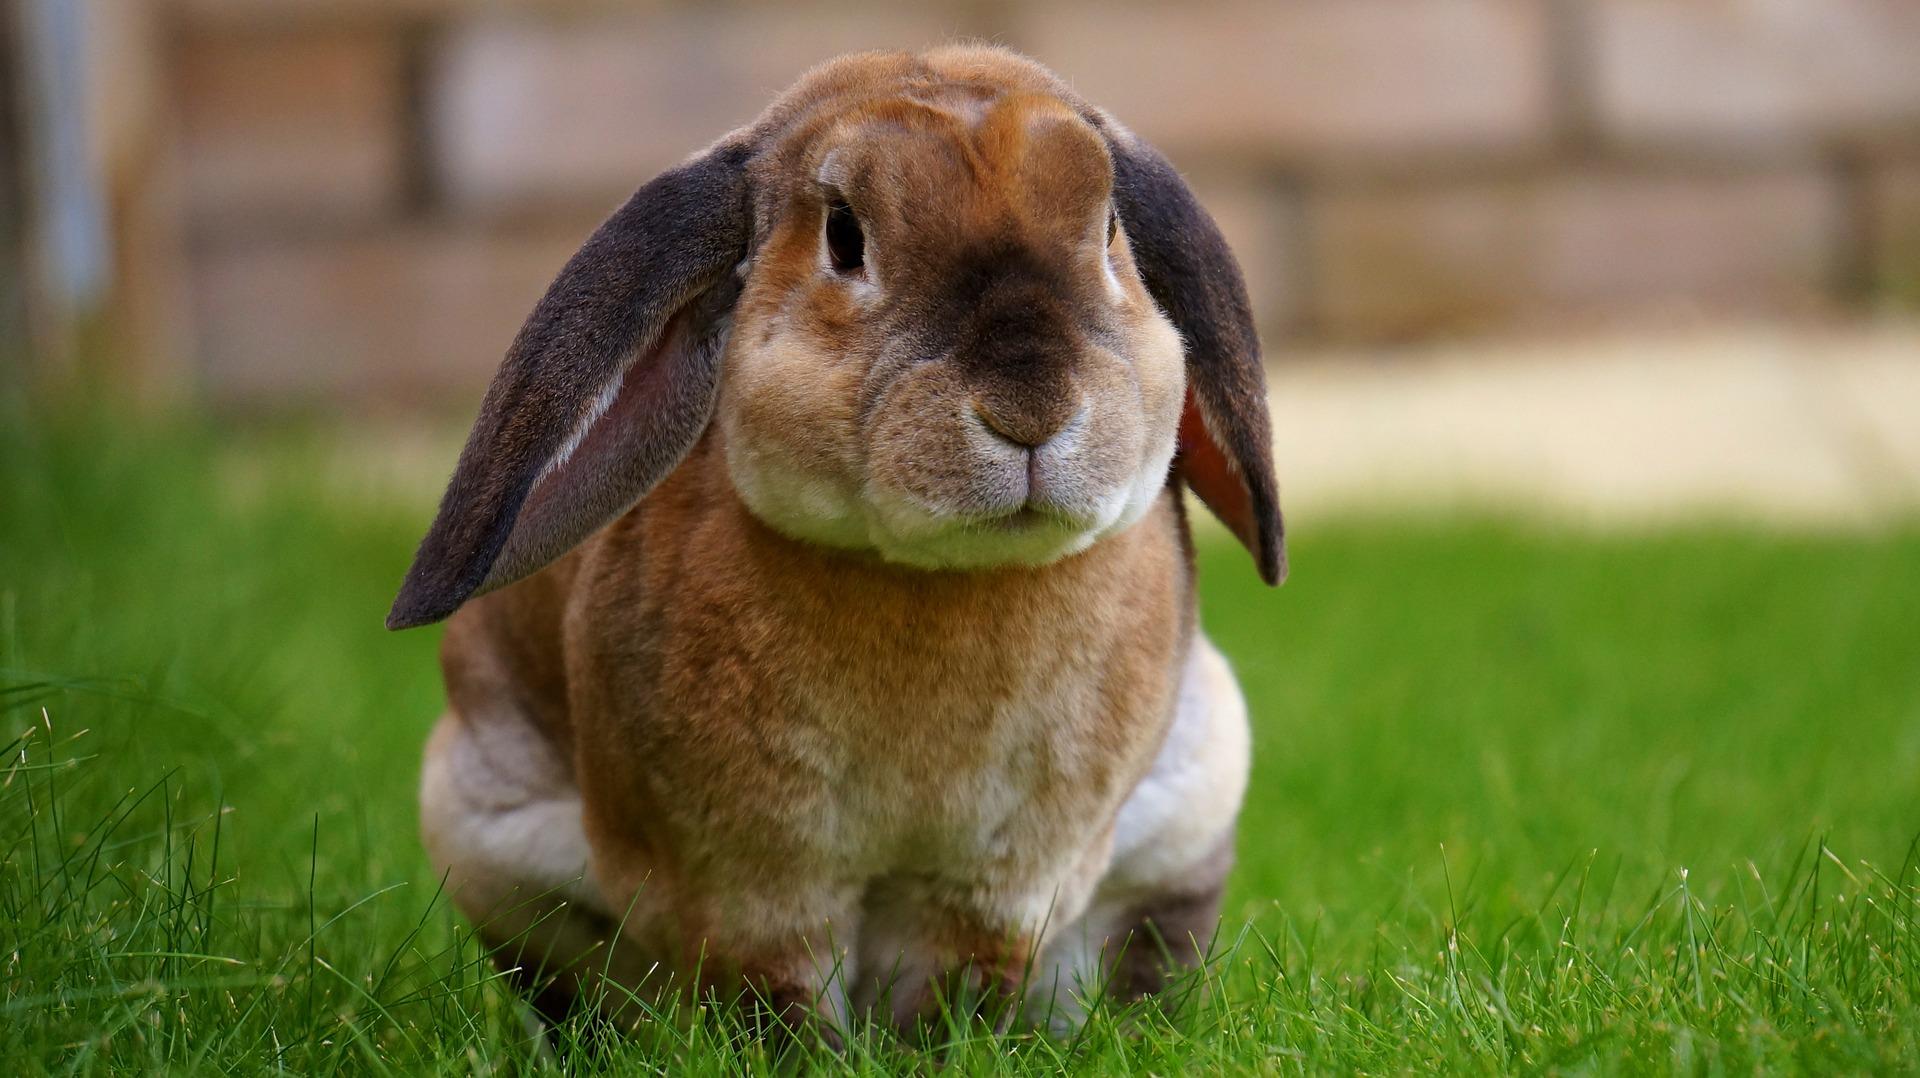 rabbit-1422882_1920